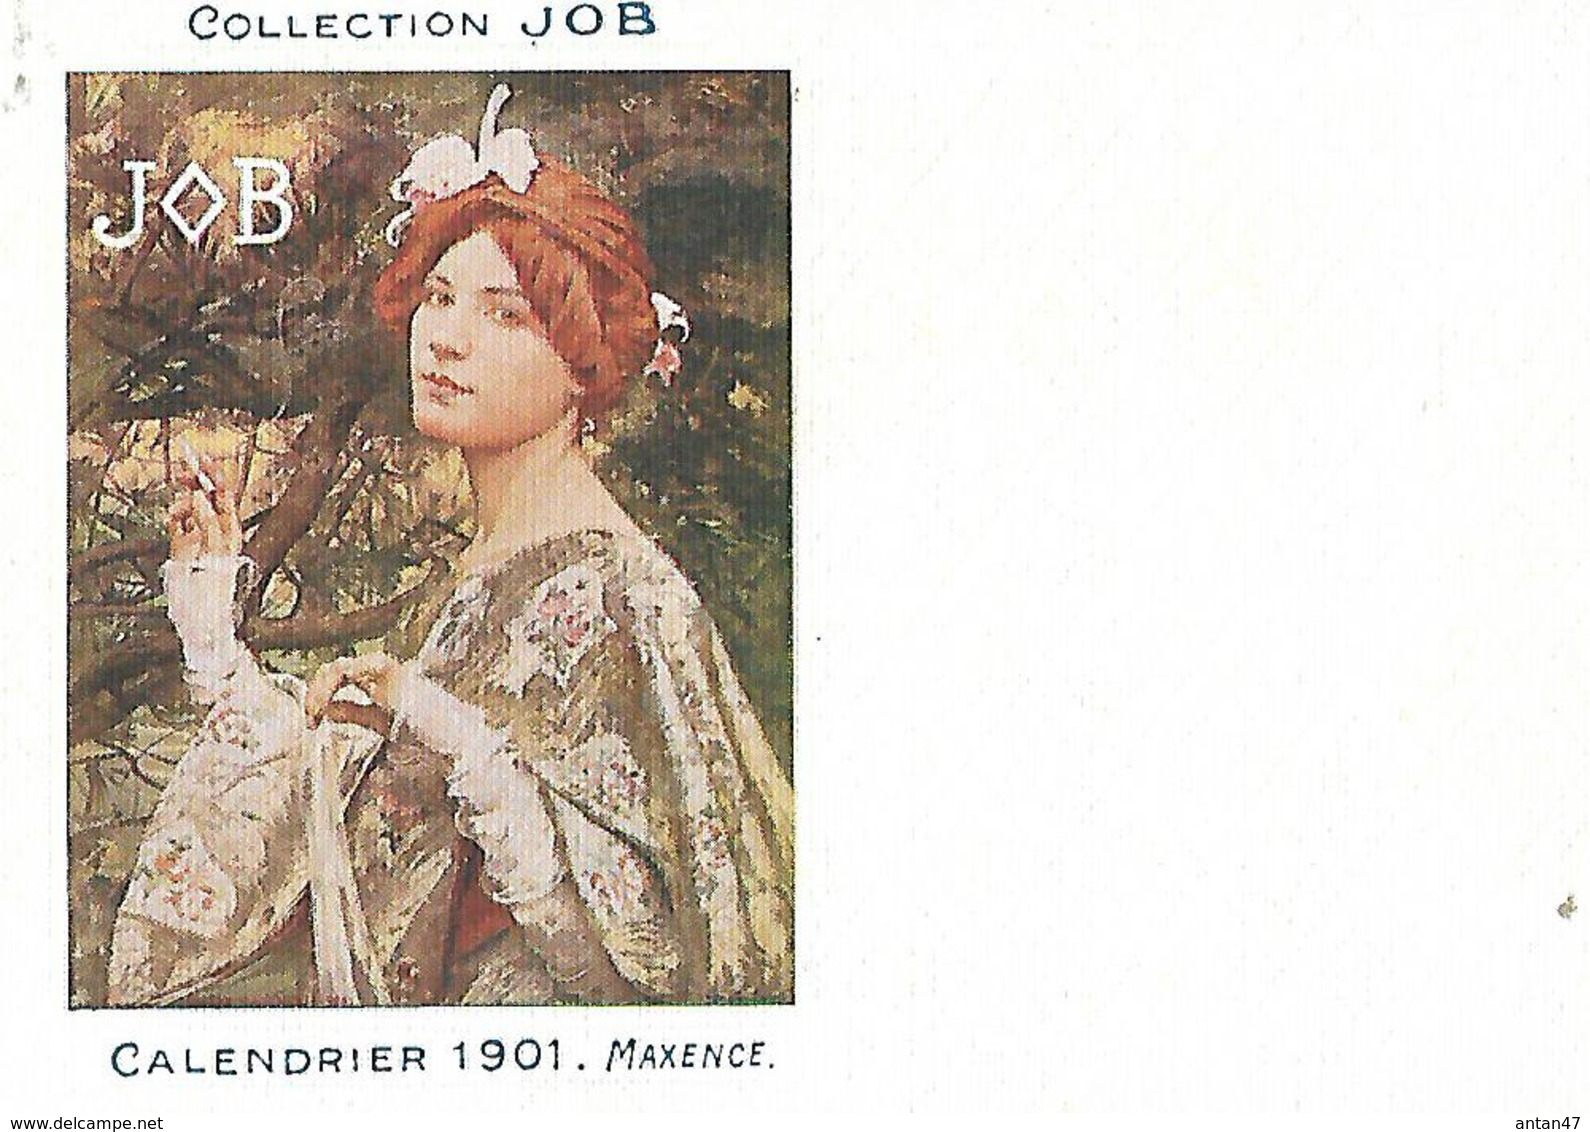 Calendrier (14 X 9 Cm) Collection JOB / 1901 / MAXENCE - Calendars